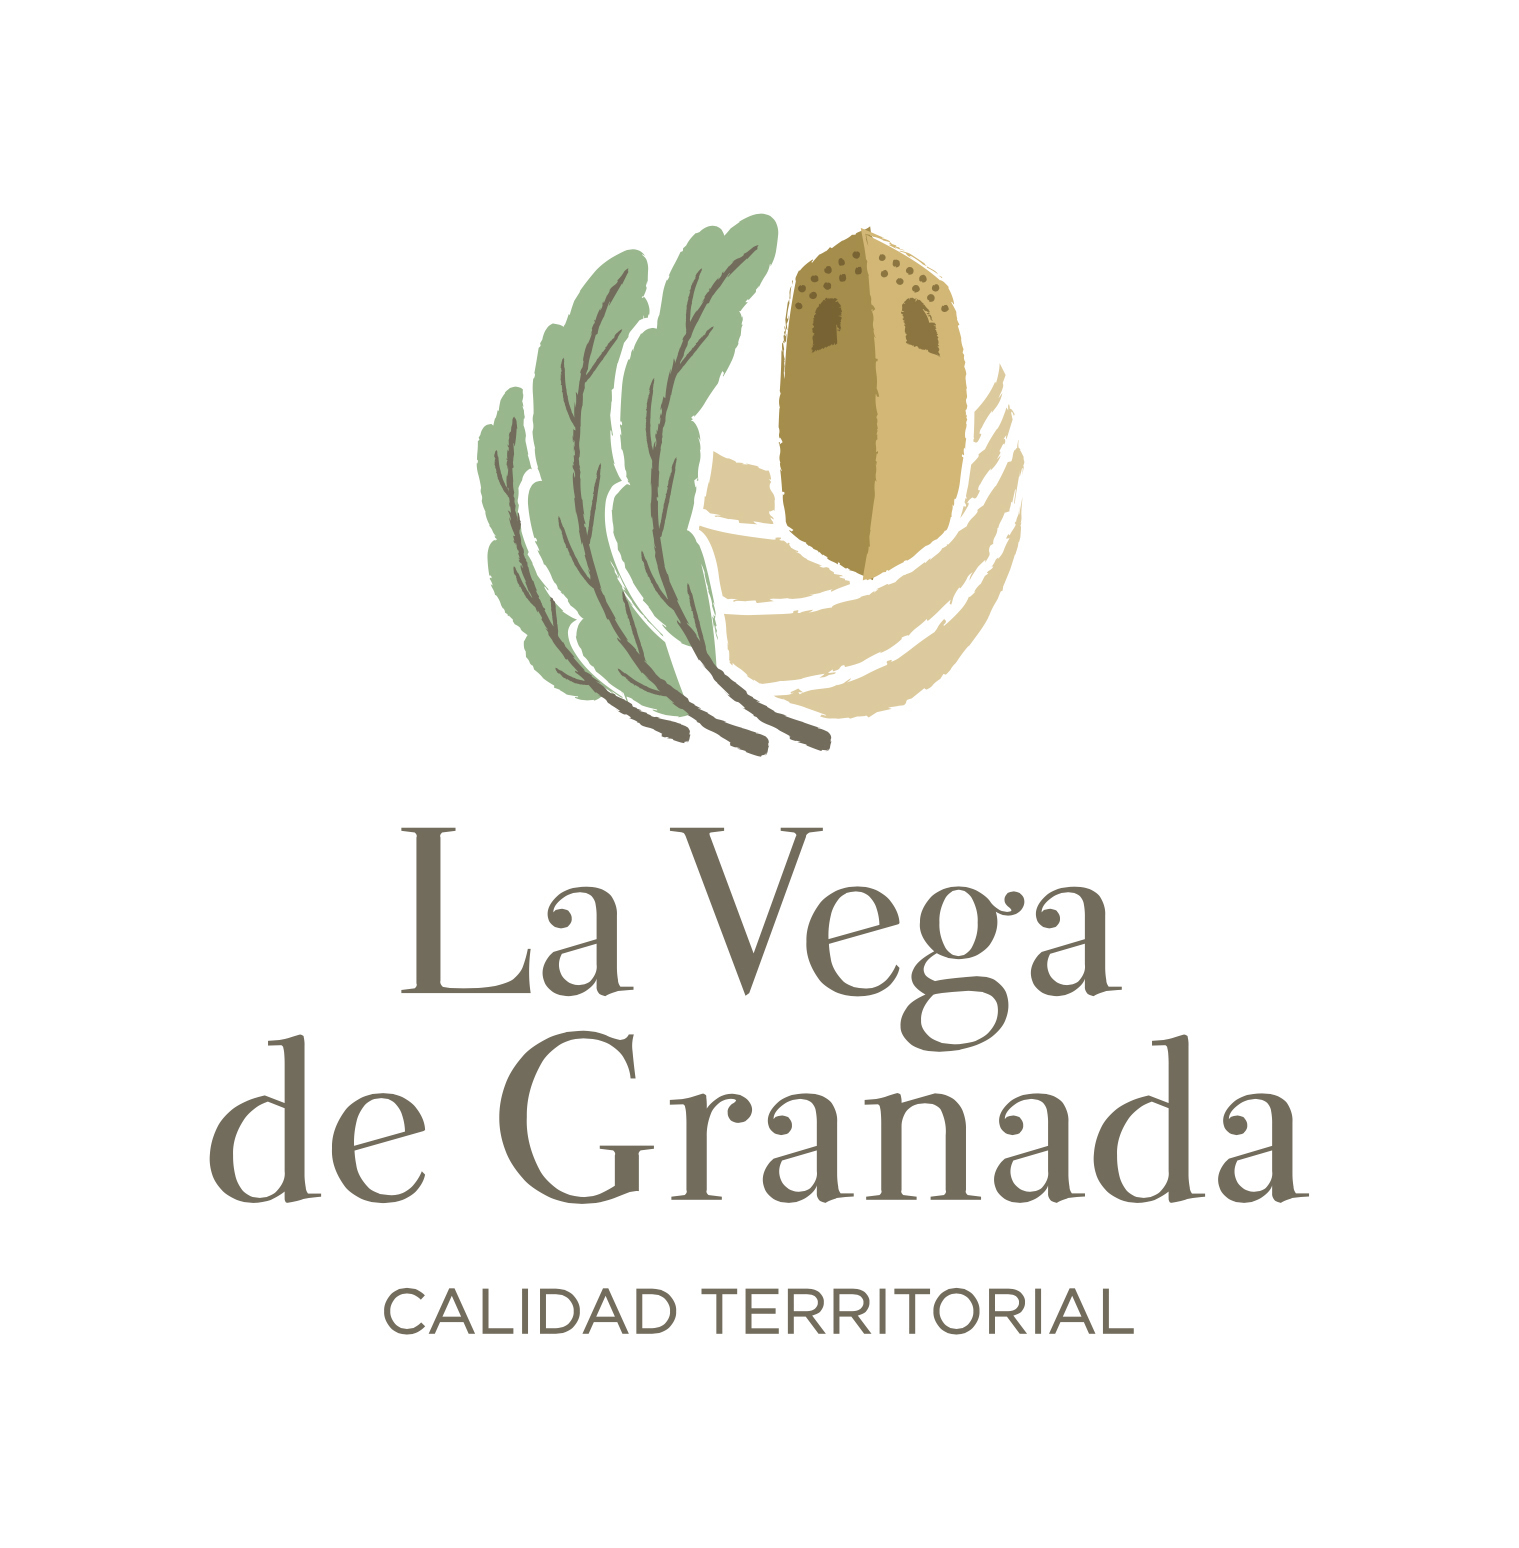 La Vega de Granada CALIDAD TERRITORIAL